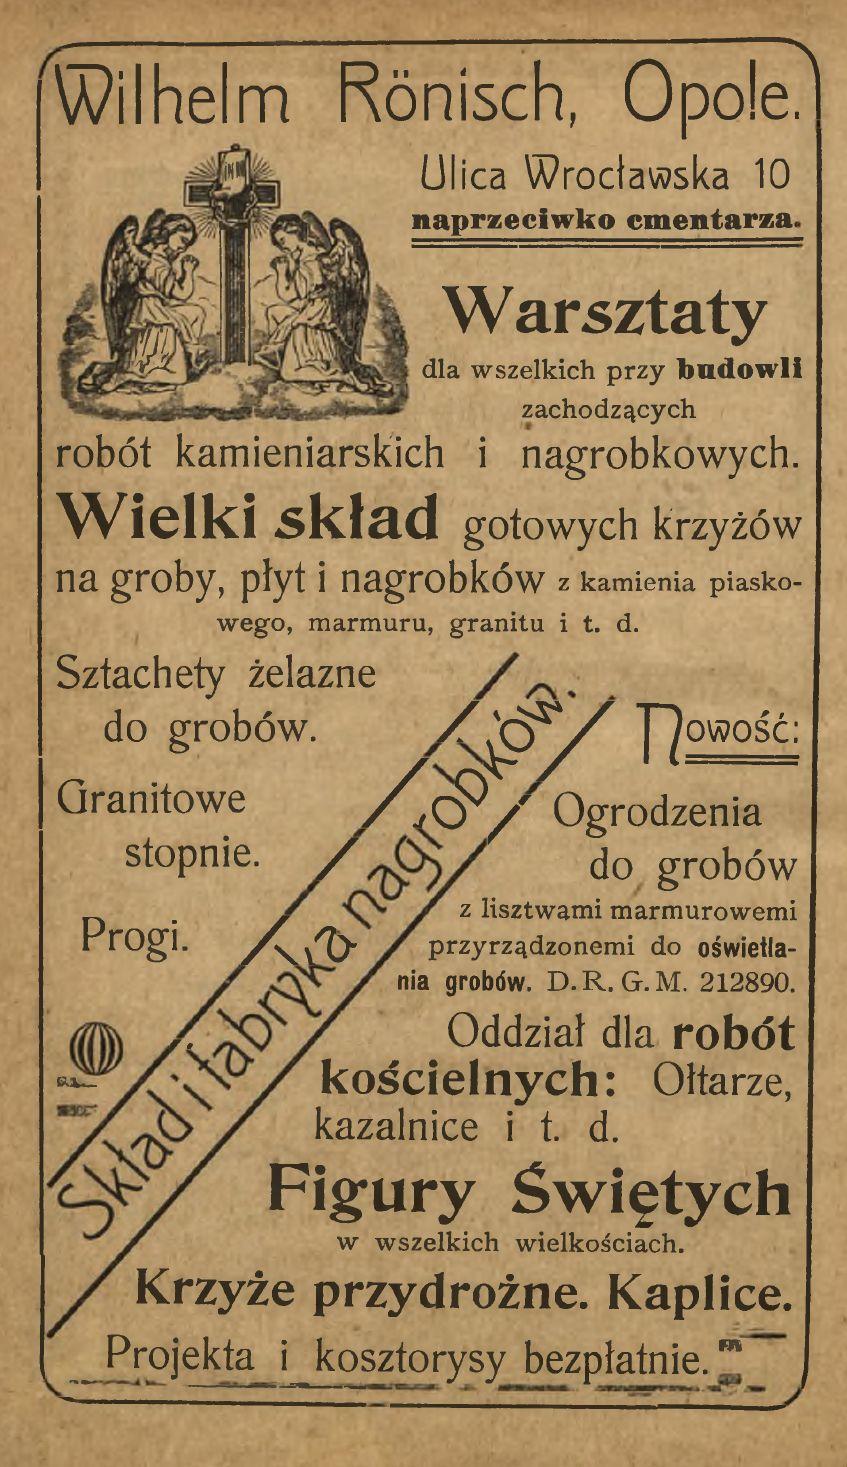 Roenisch, reklama 1905